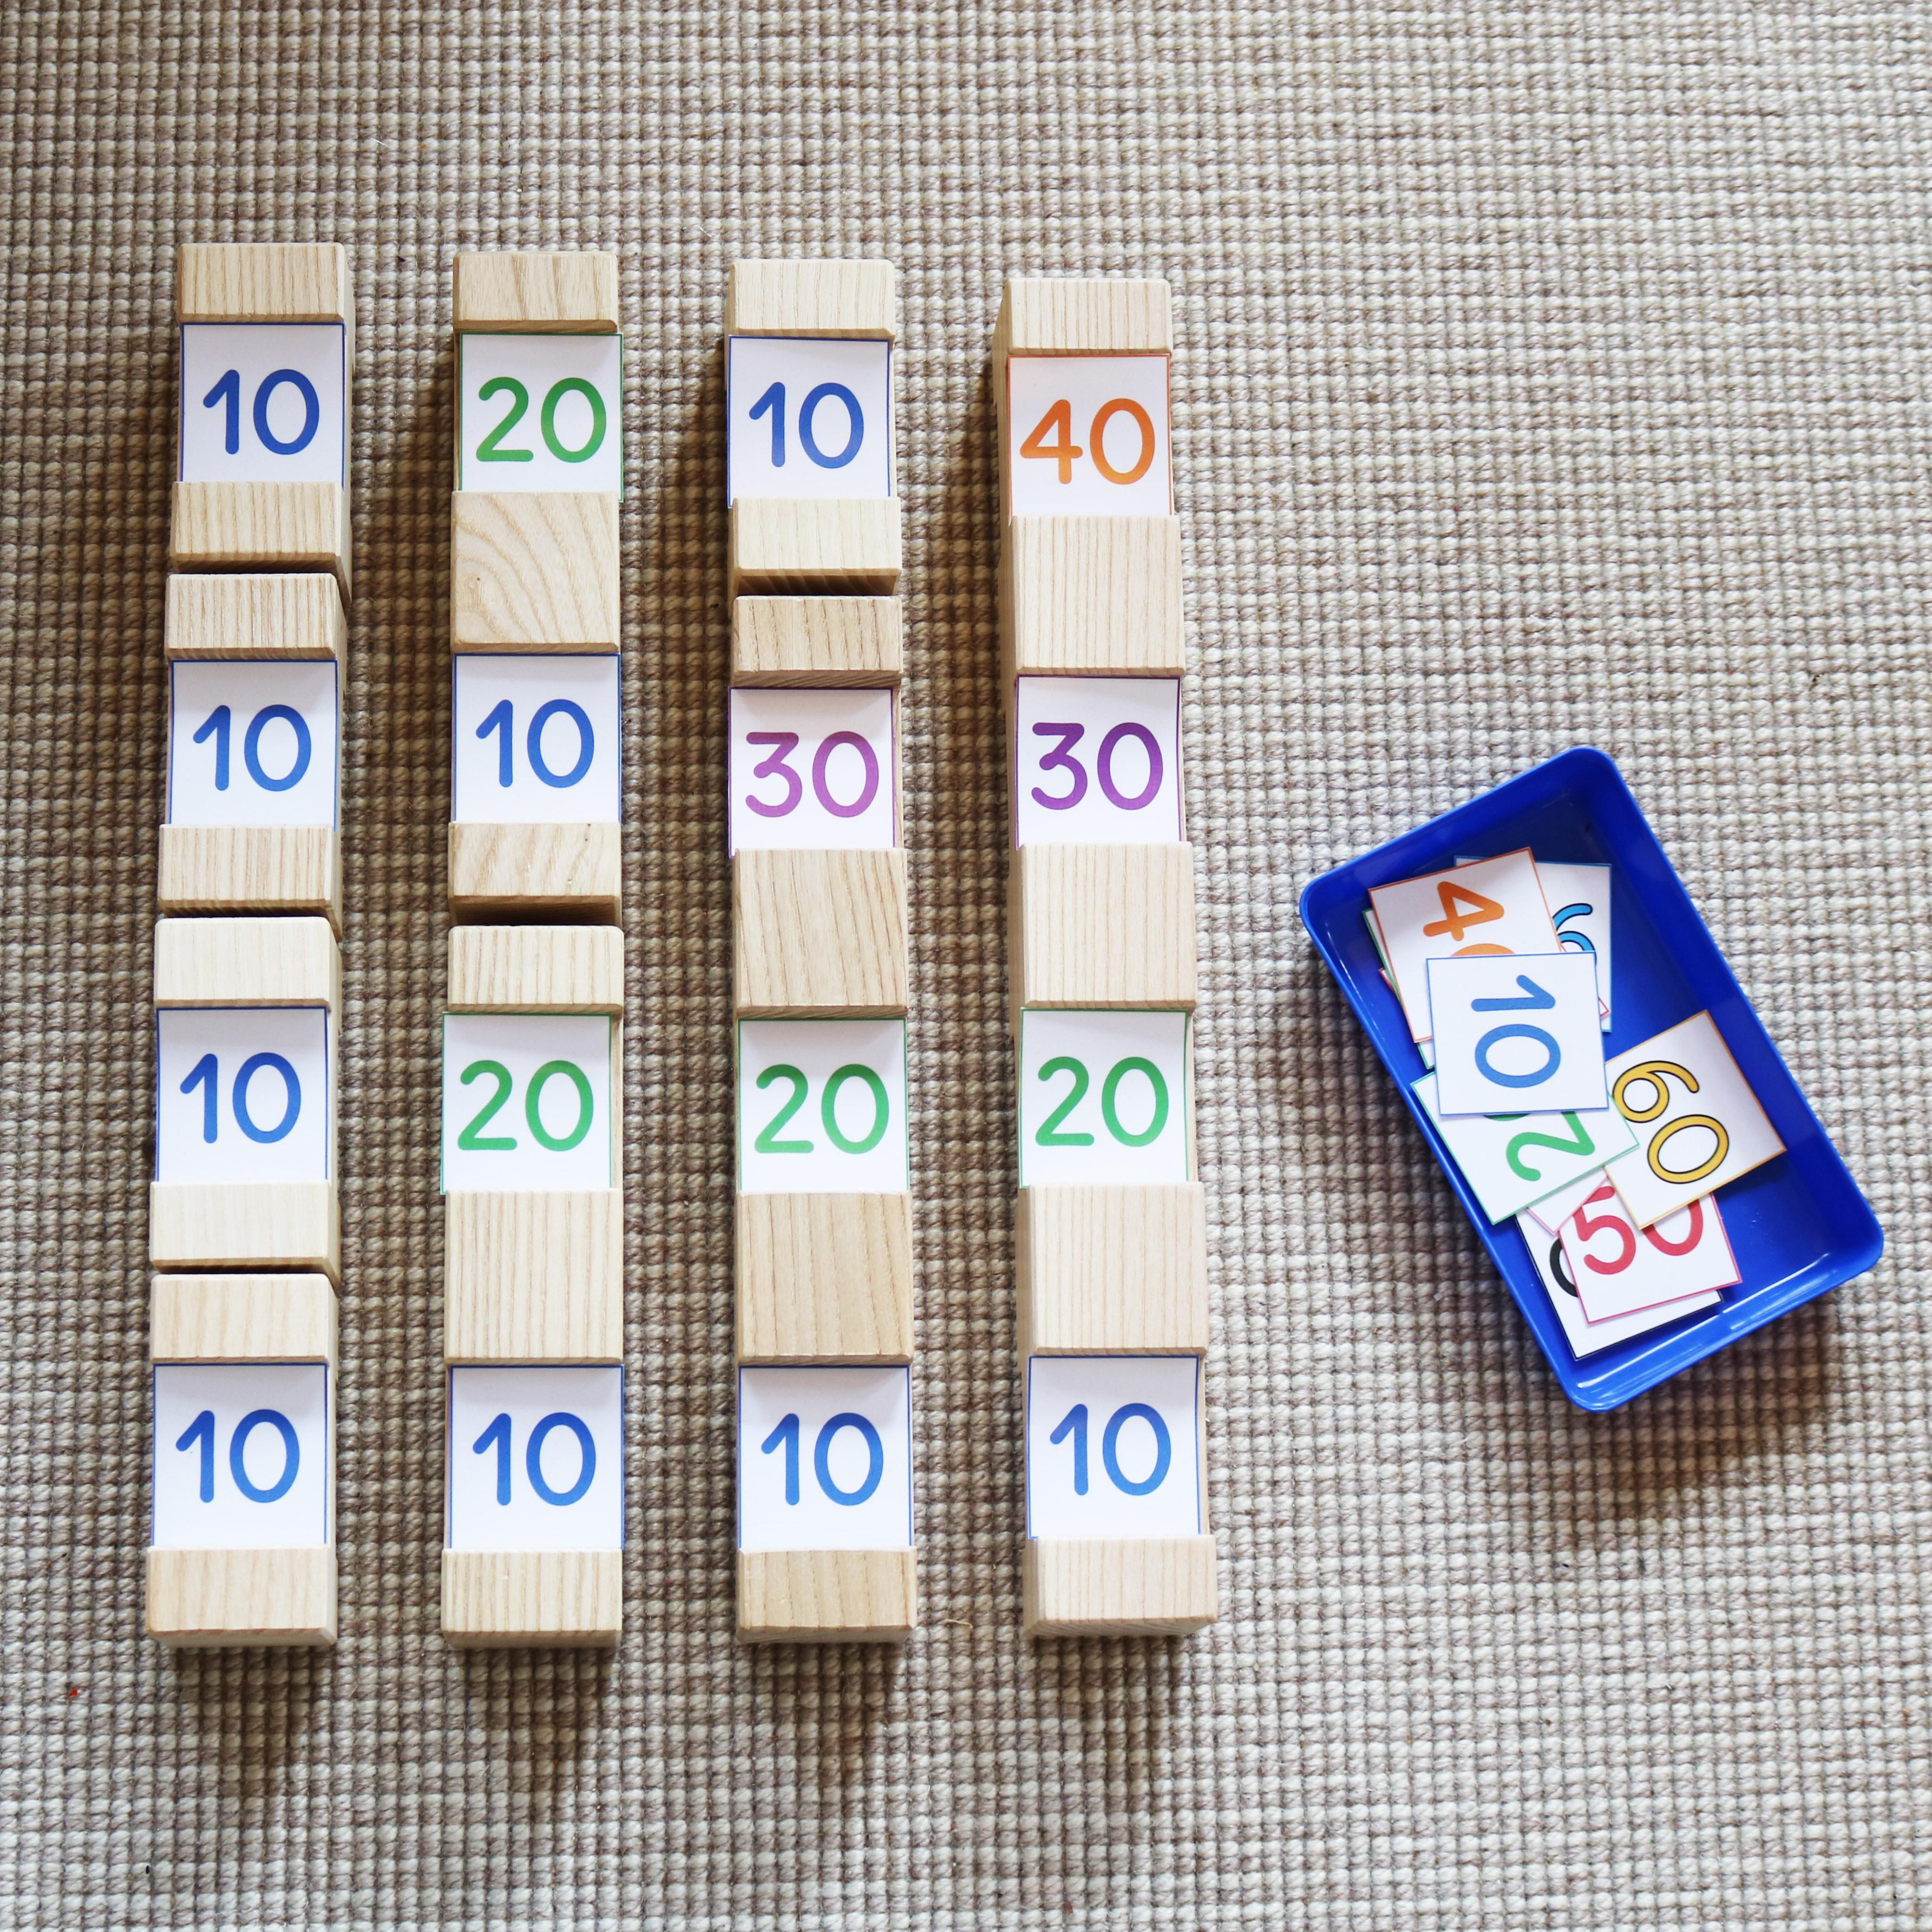 bunte Zahlenkarten 10-100 in Zehnerschritten zum Messen und Rechnen mit den 4/4 Holzbausteinen für Kinder